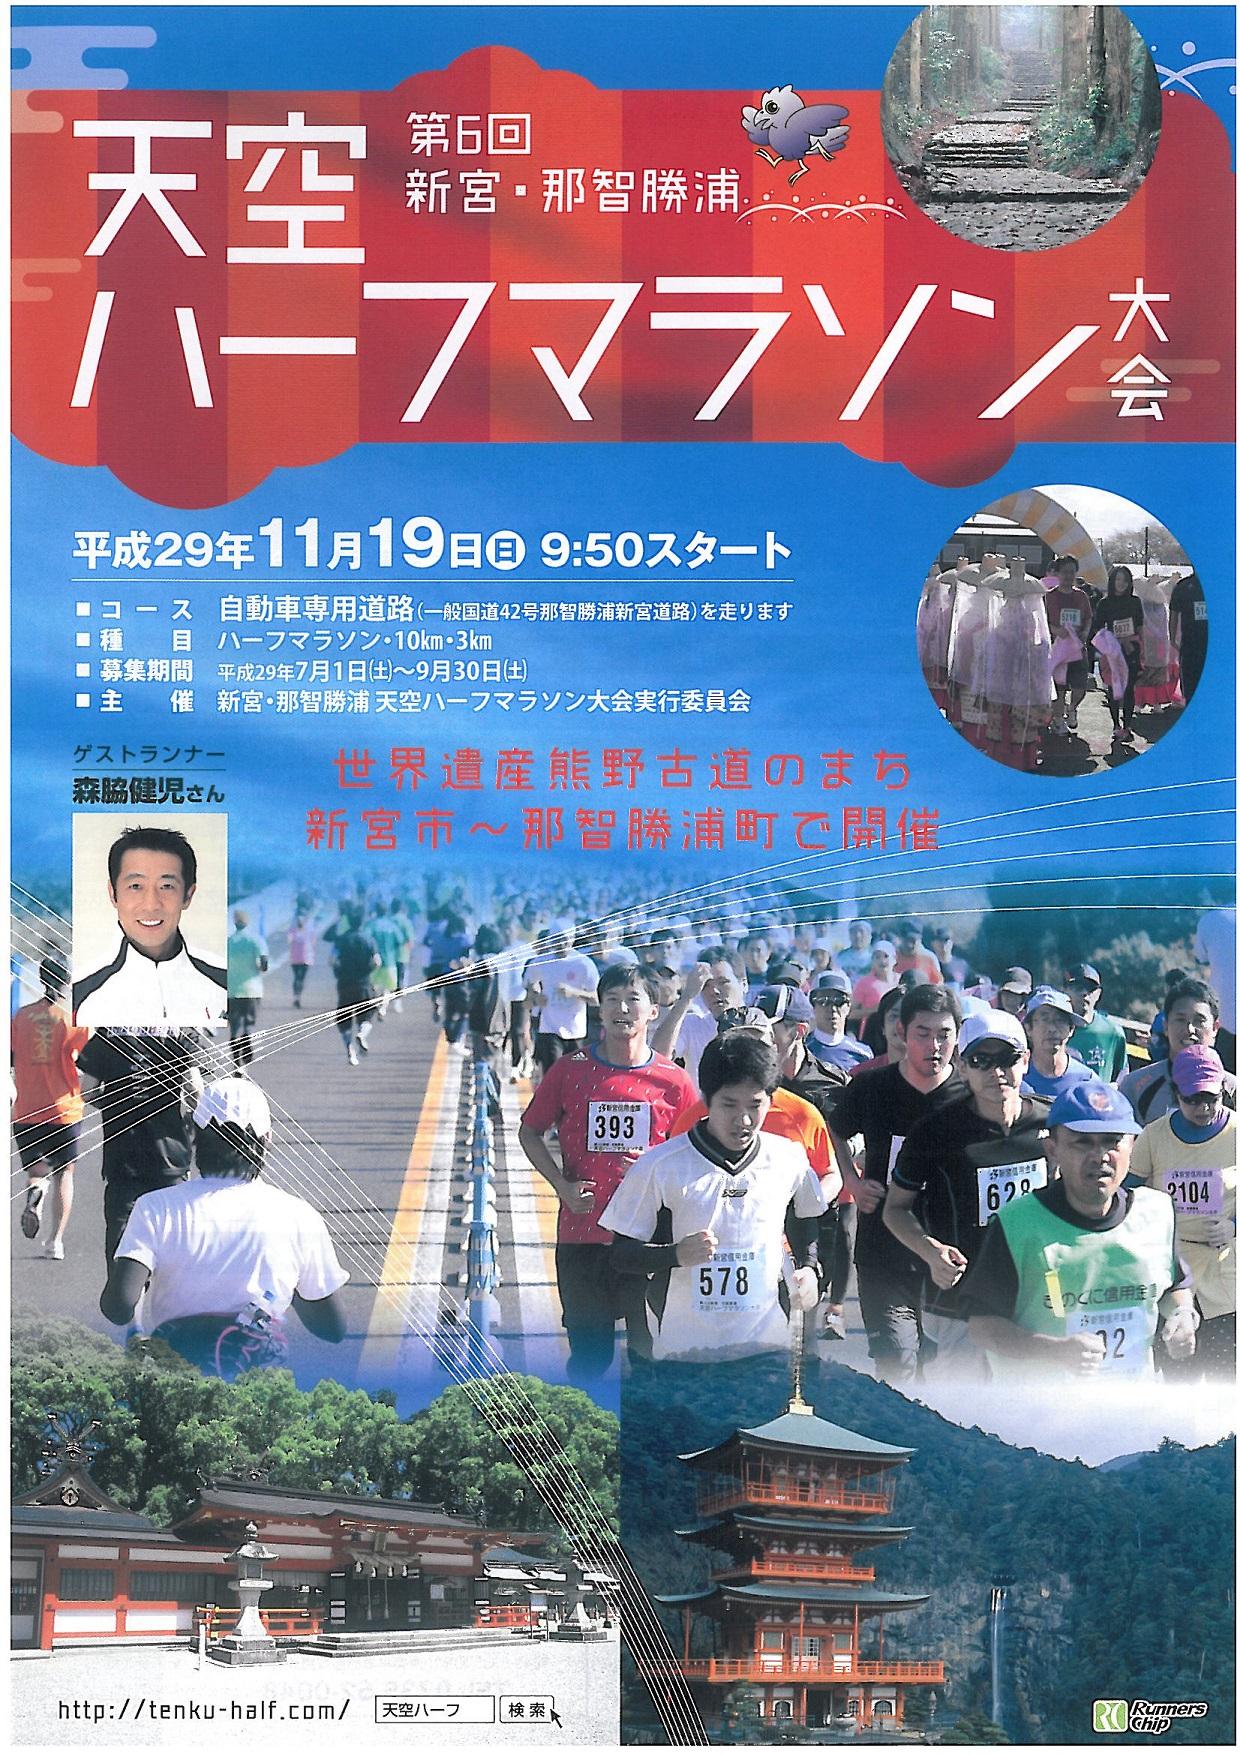 第6回新宮・那智勝浦 天空ハーフマラソン大会の開催について!